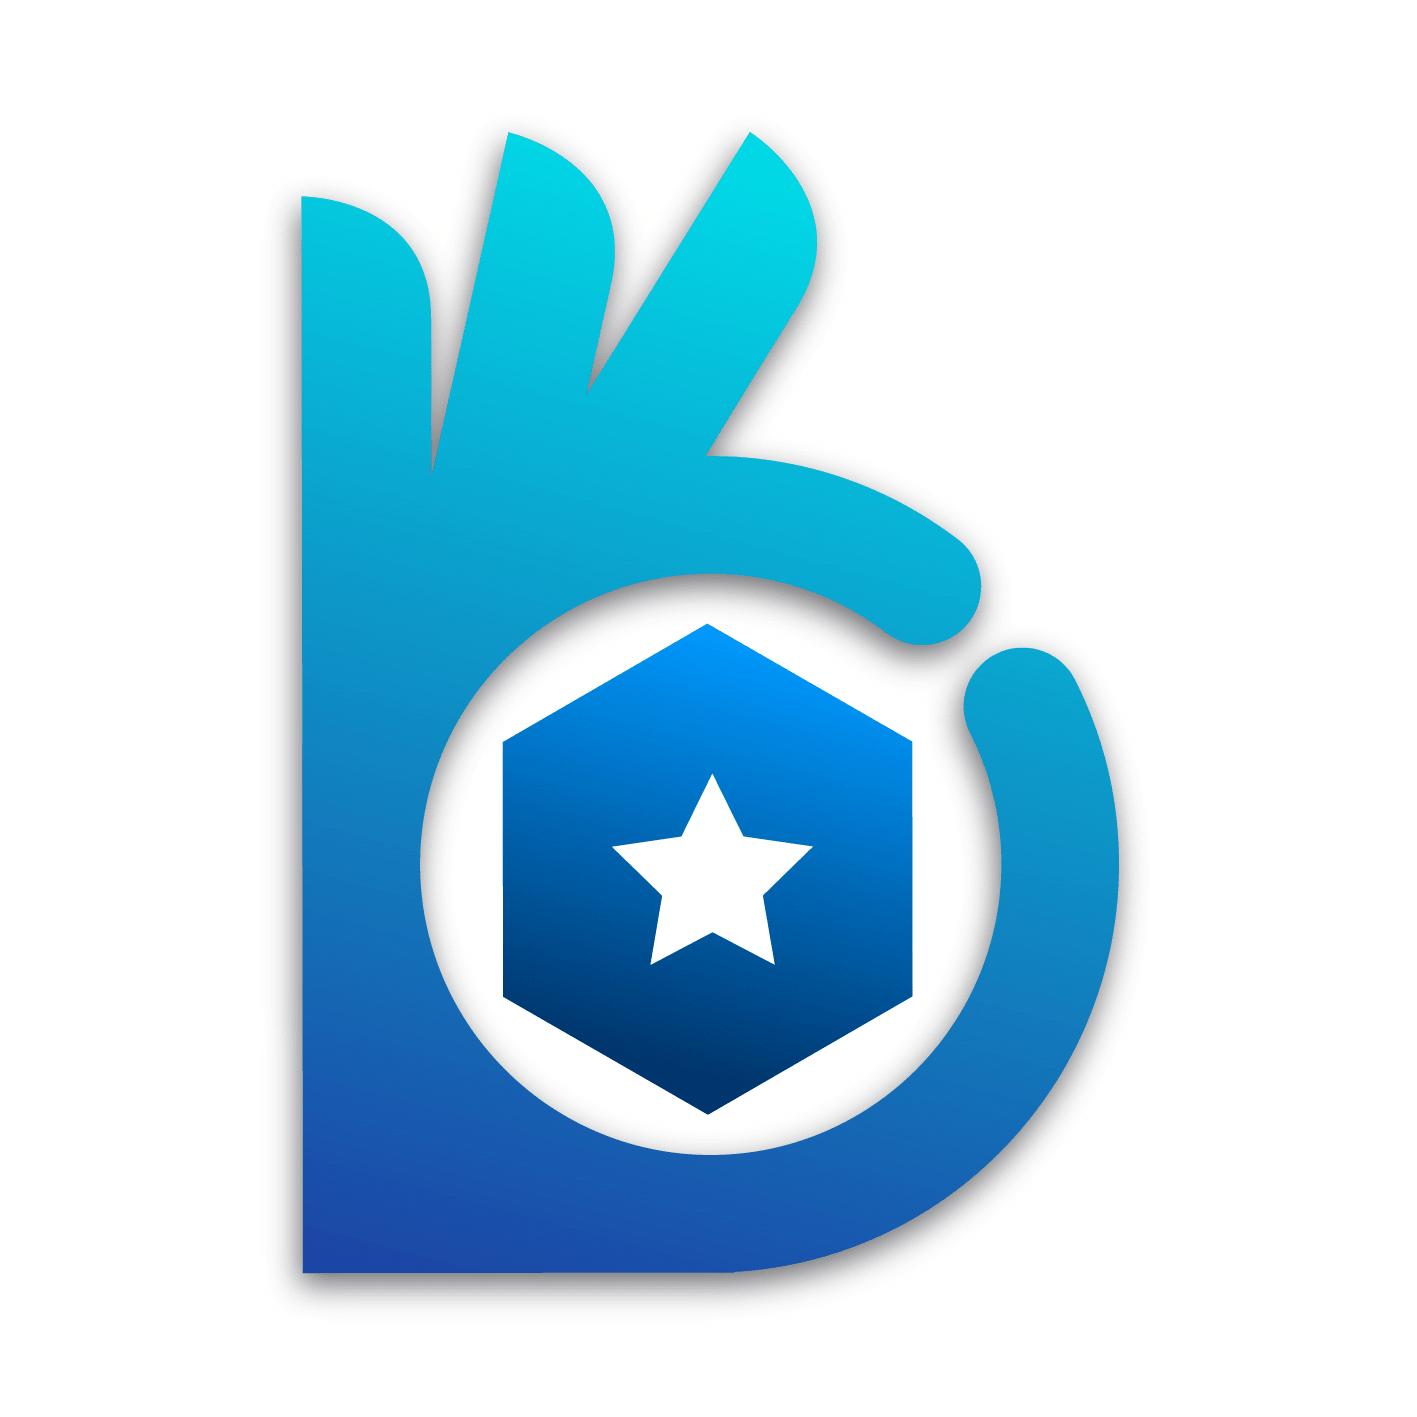 AceThinker Screen Grabber Pro 2.5.0